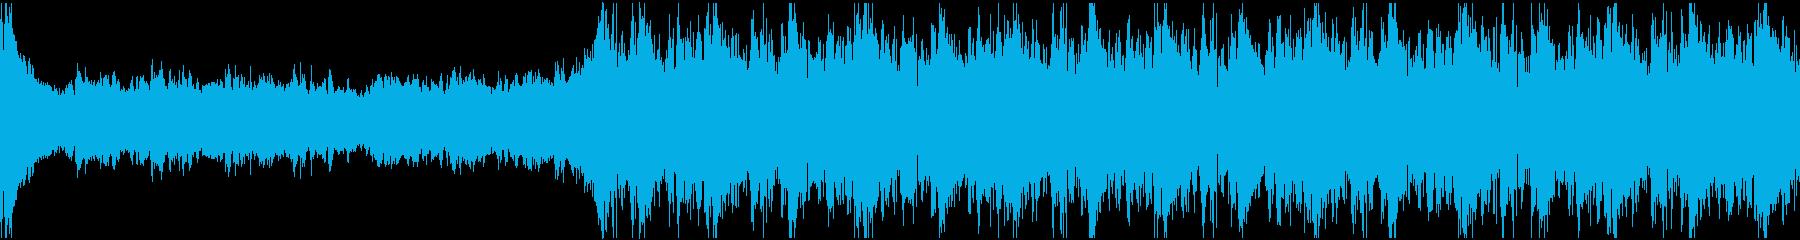 ダークテリトリー 魔界をイメージの再生済みの波形